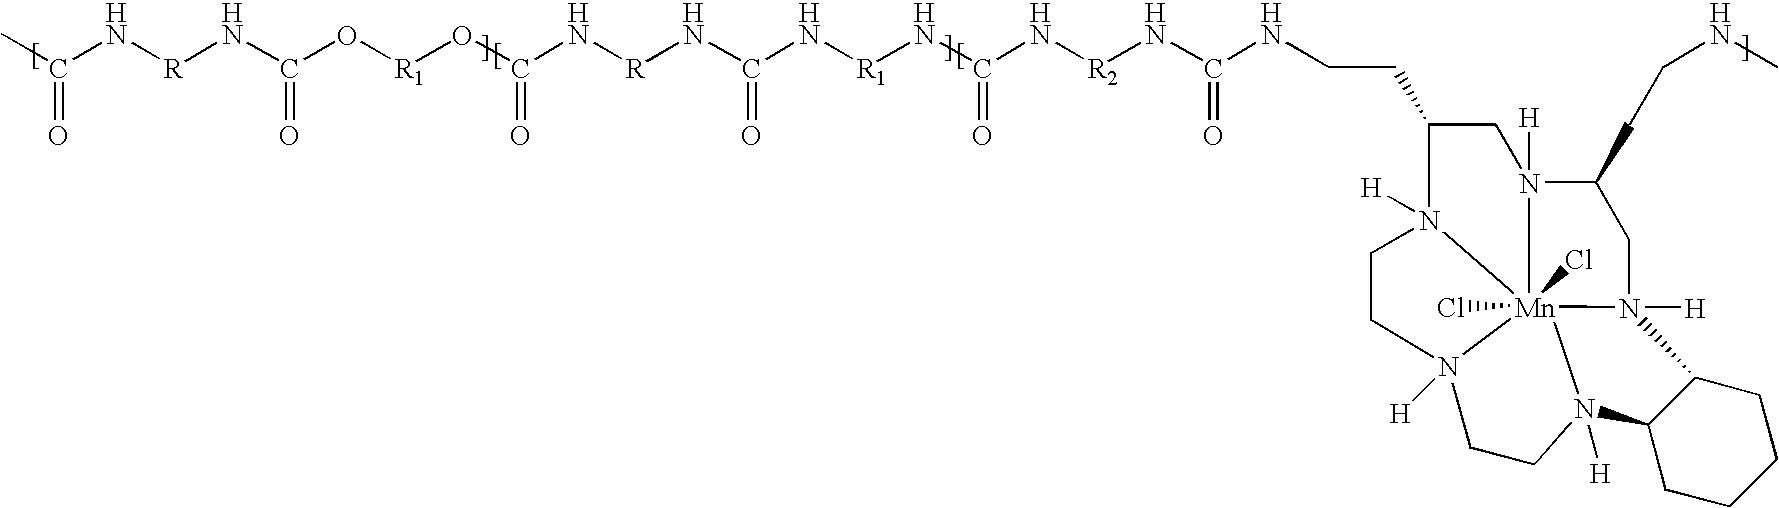 Figure US20060089710A1-20060427-C00105